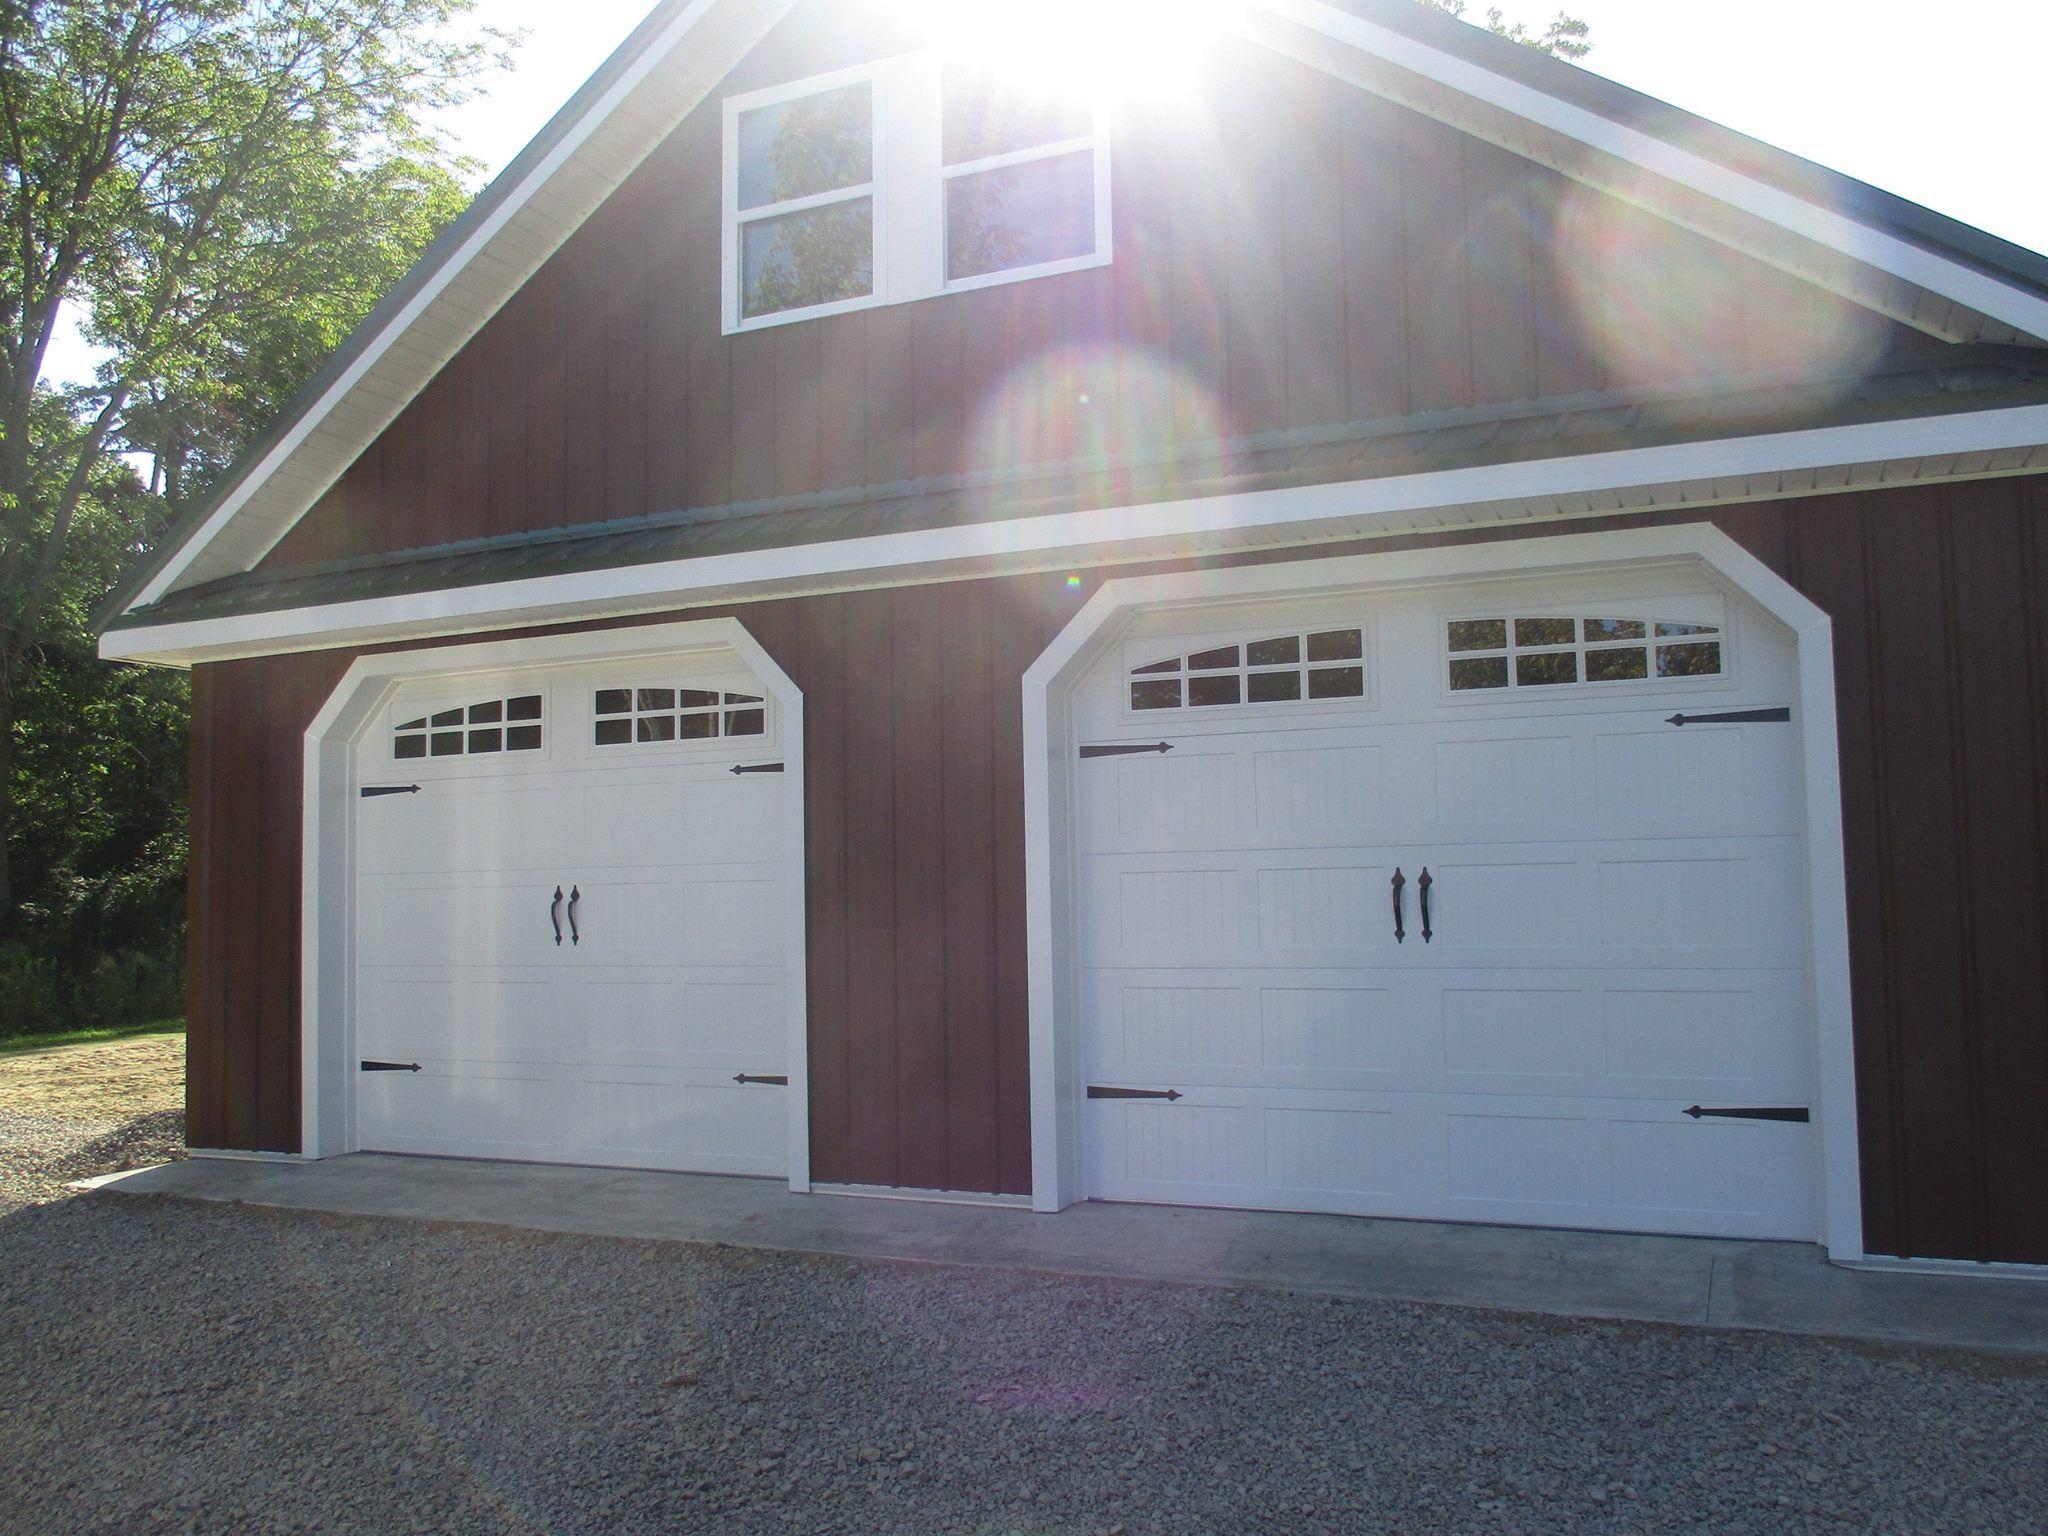 Another Rupp Overhead Door Ruppoverheaddoors Garagedoor